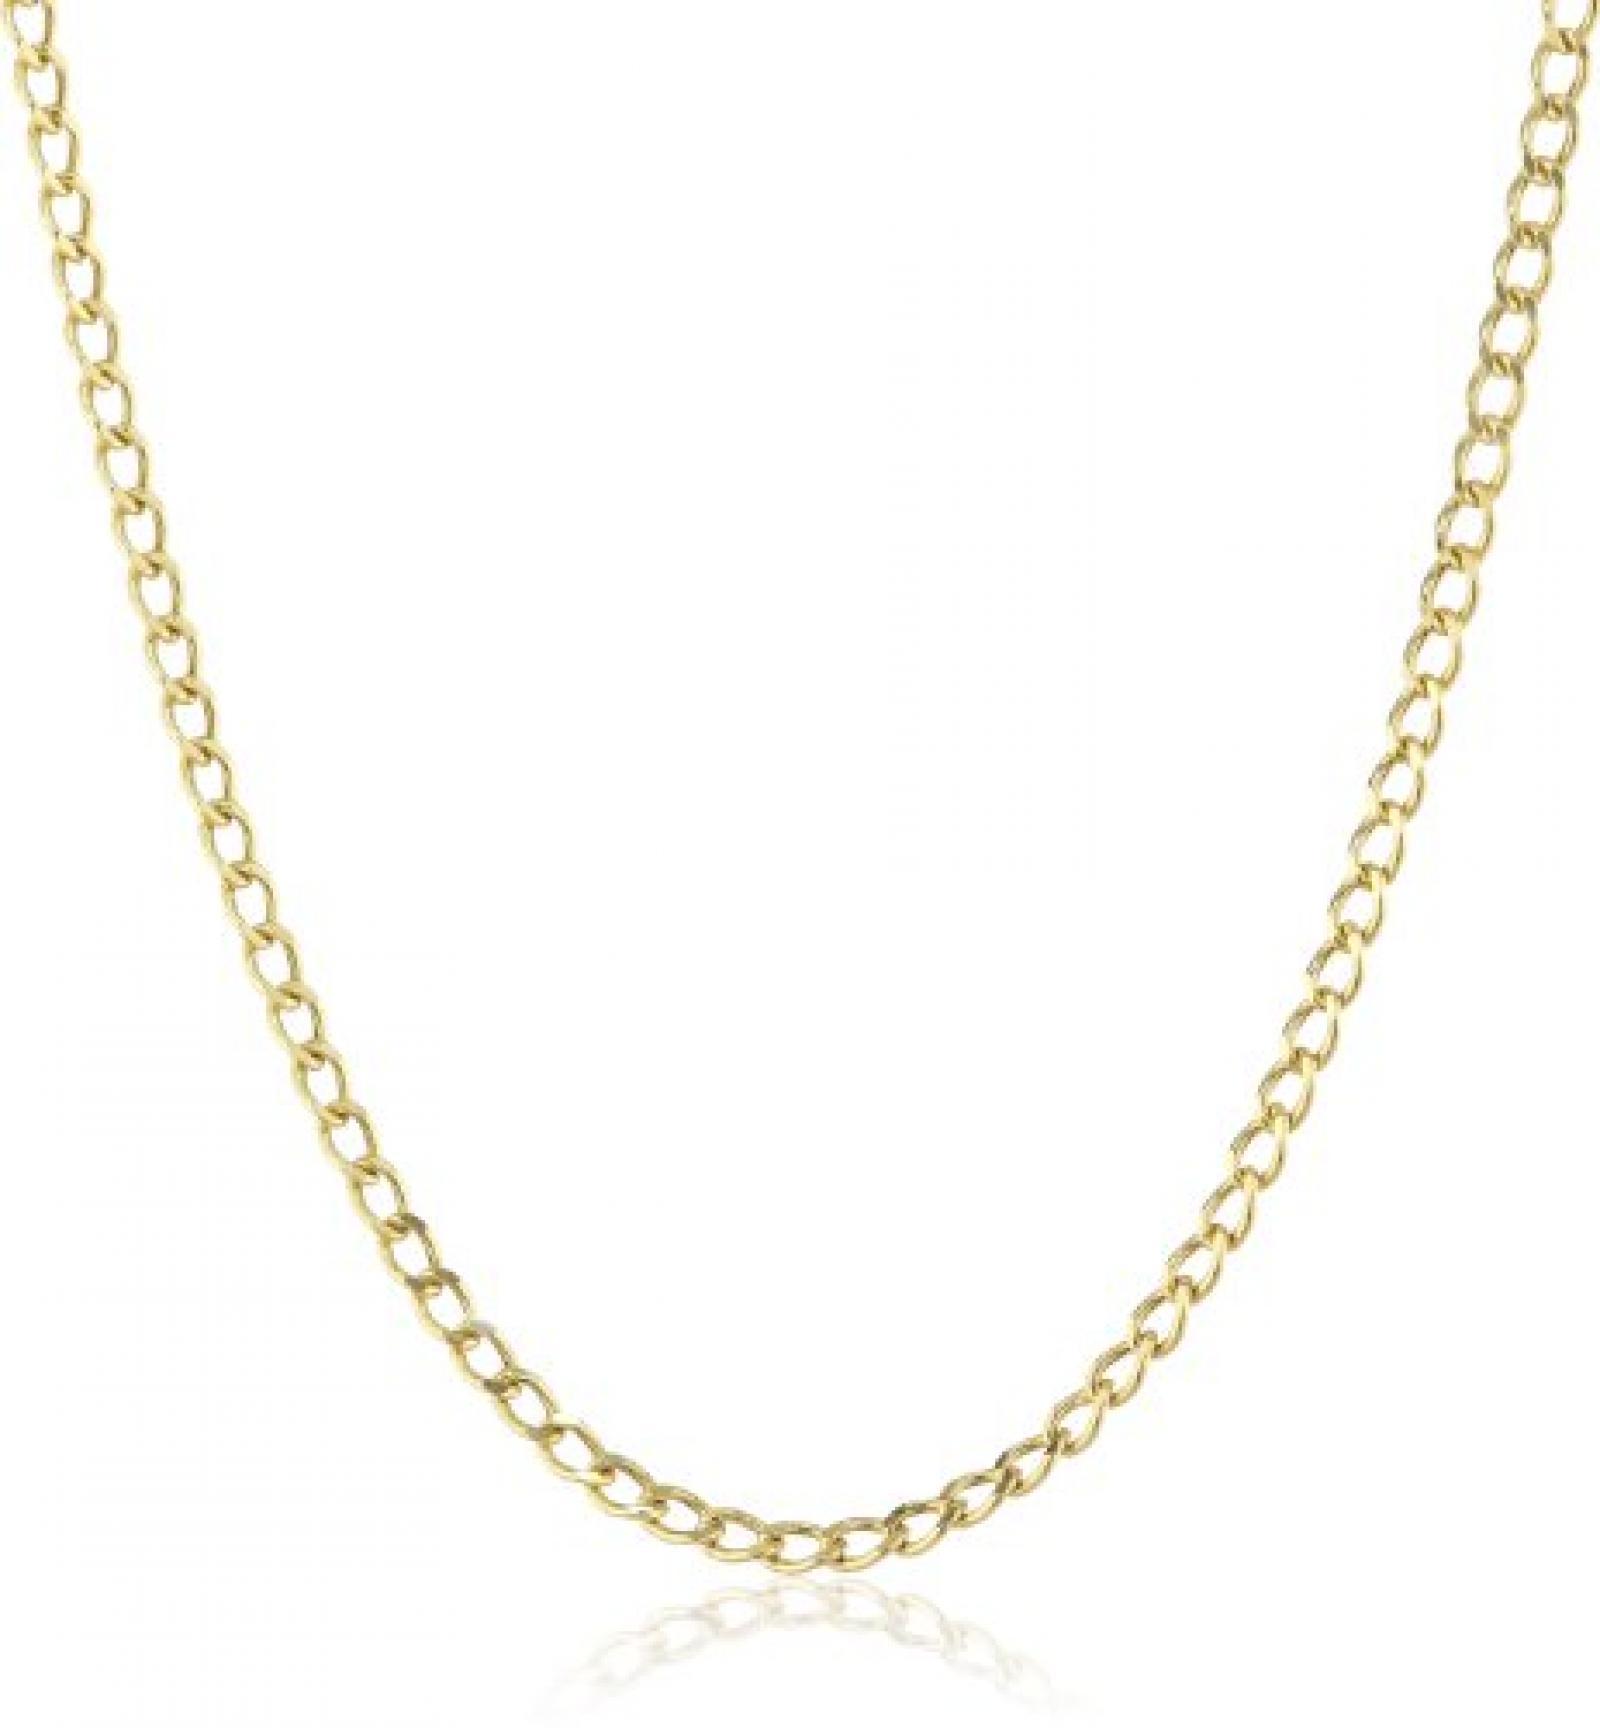 Amor Jewelry Unisex-Halskette 9 Karat 375 Gelbgold 345088